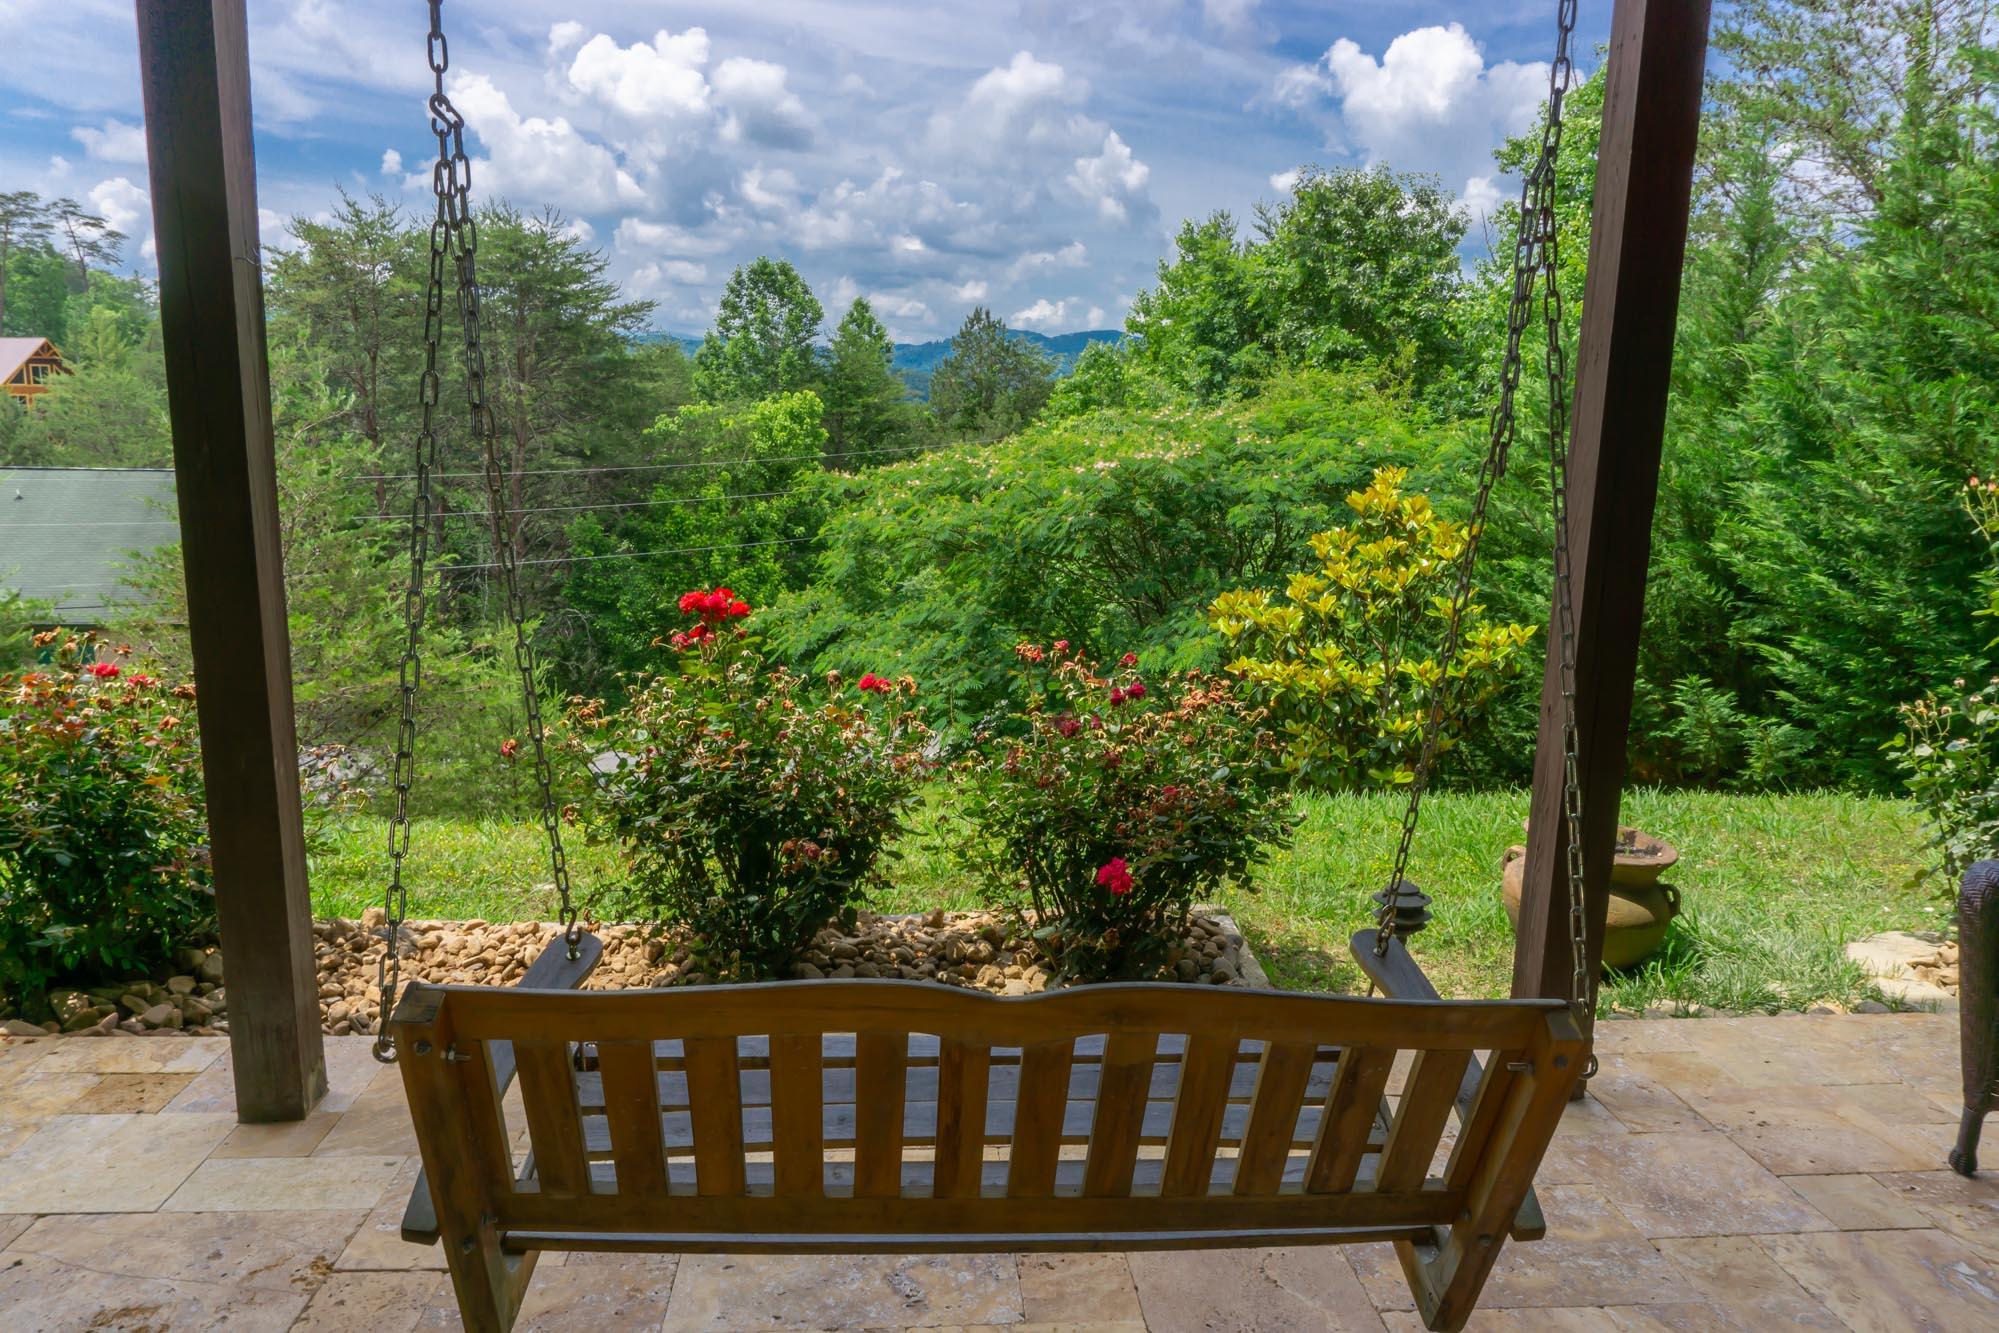 Smoky-Mountain-Splendor-patio-swing-view